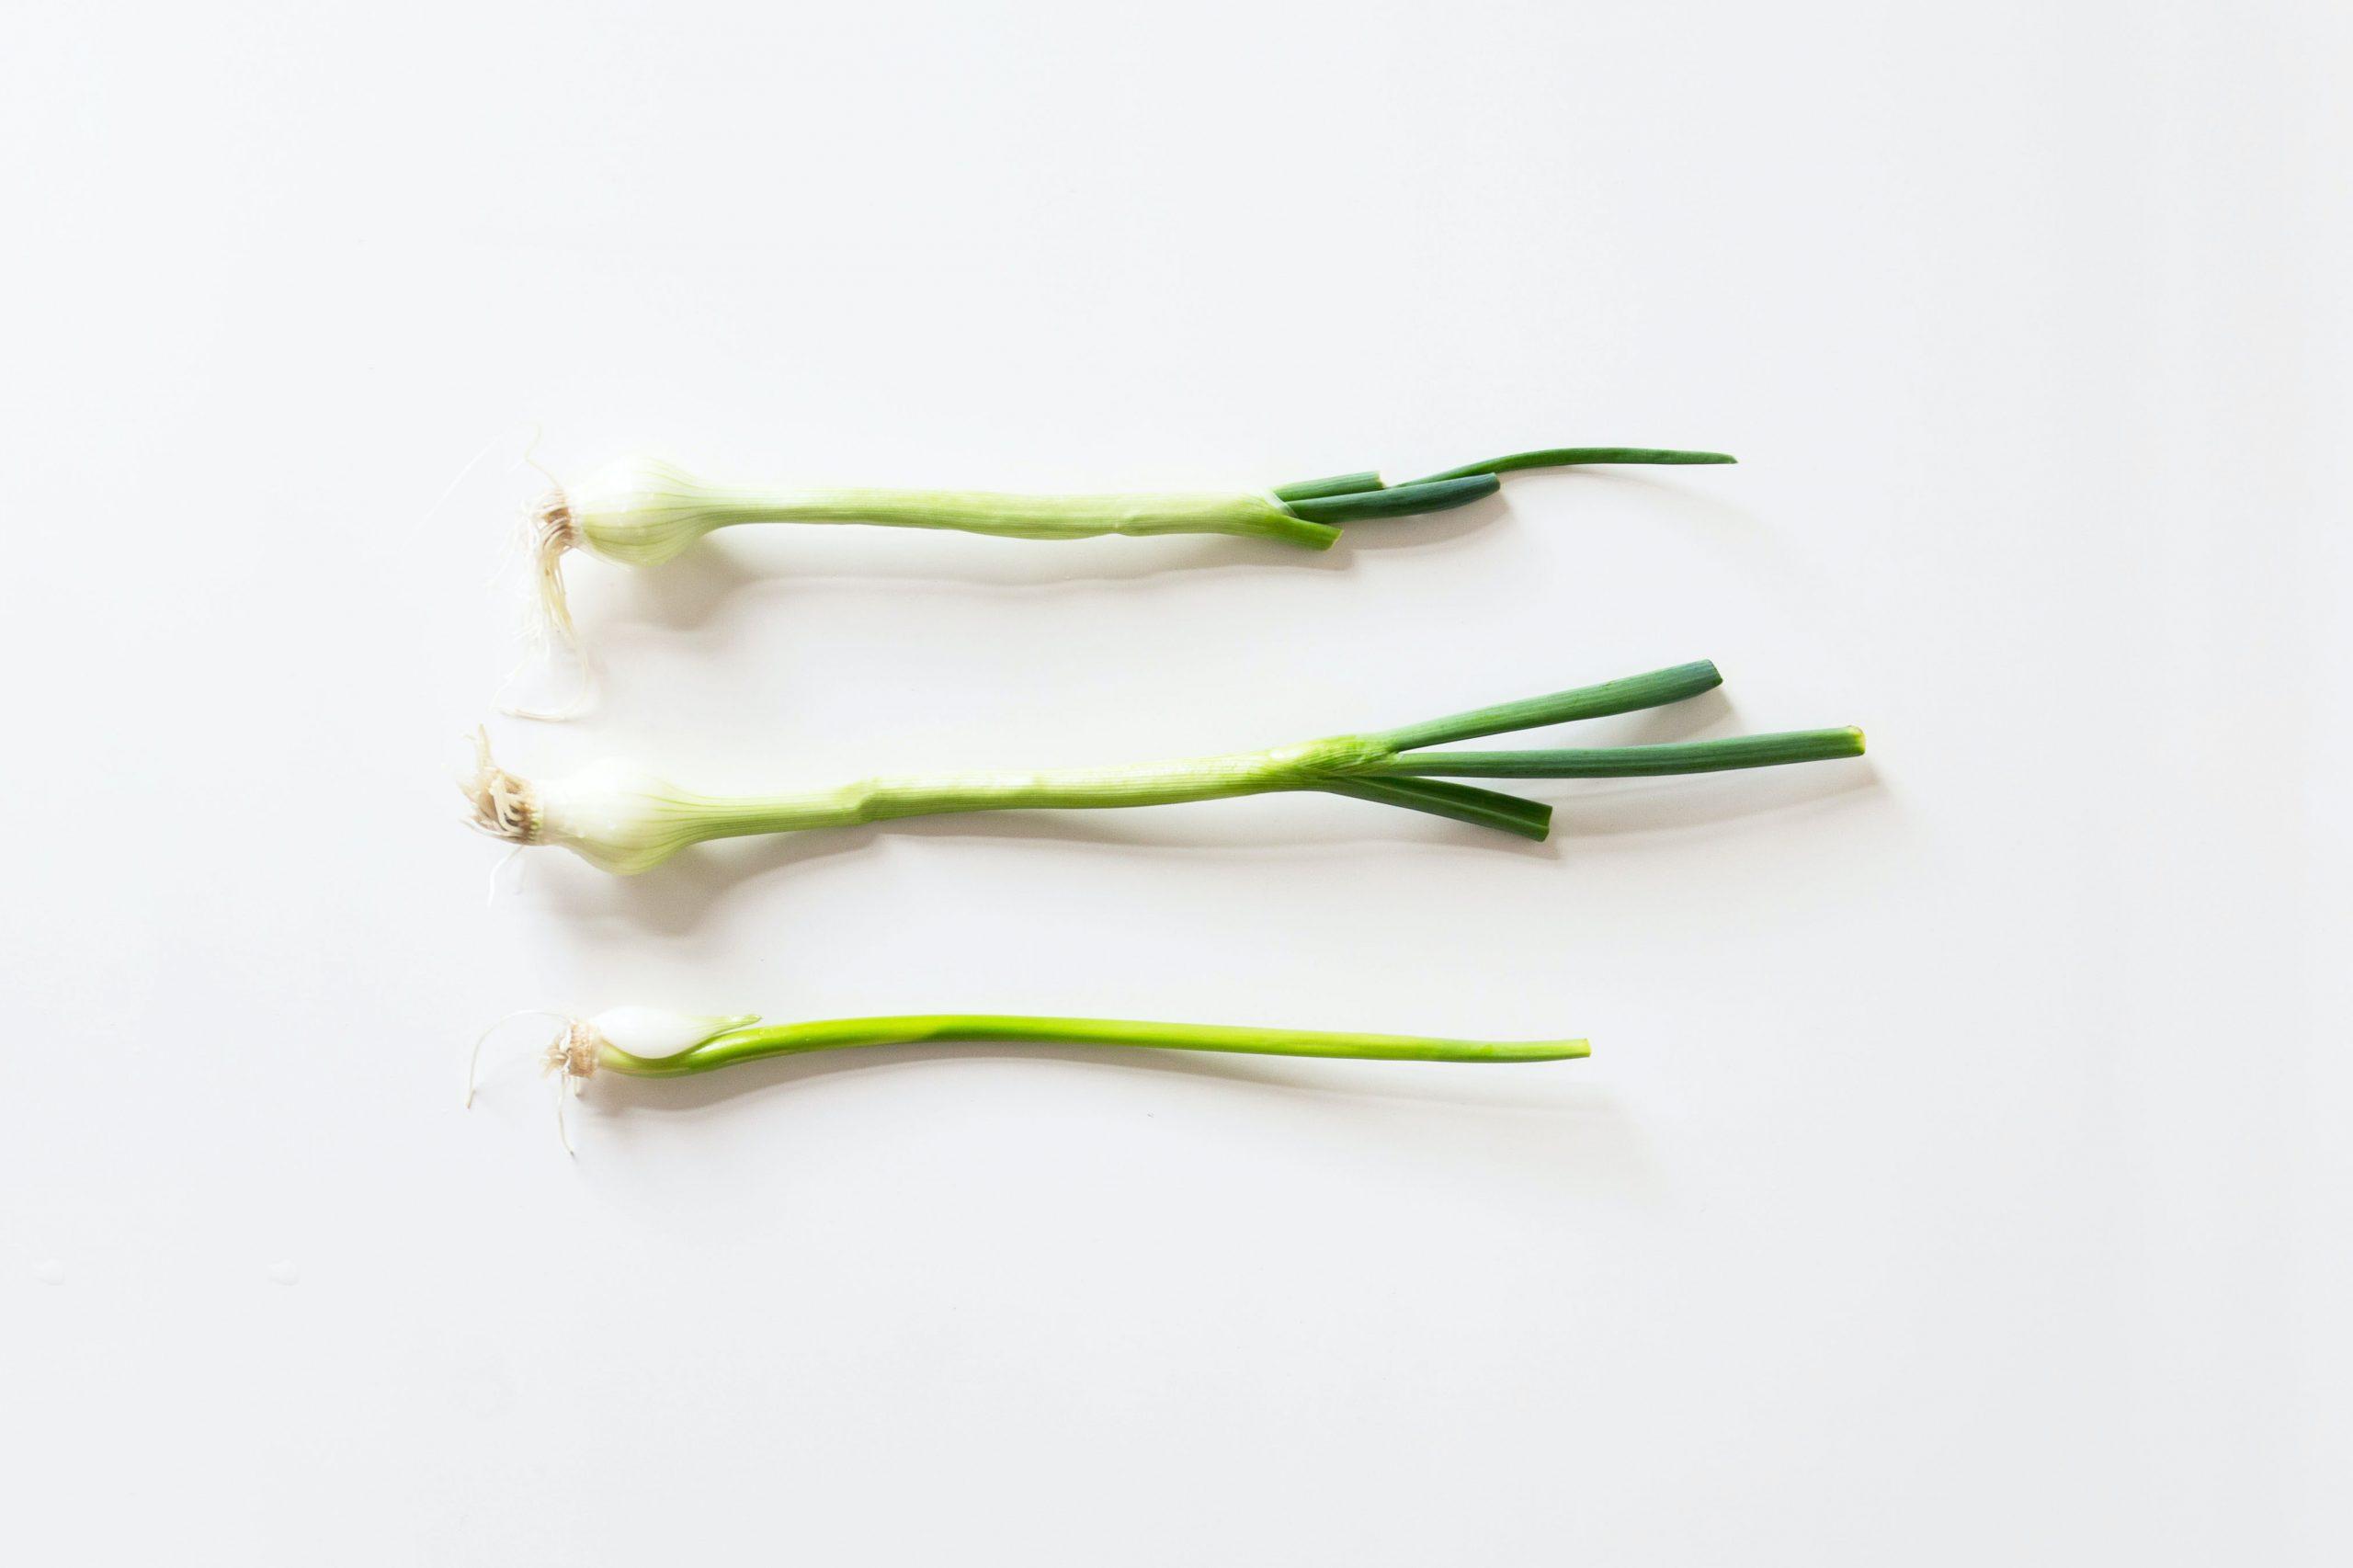 λαχανικά φρέσκο κρεμμύδι